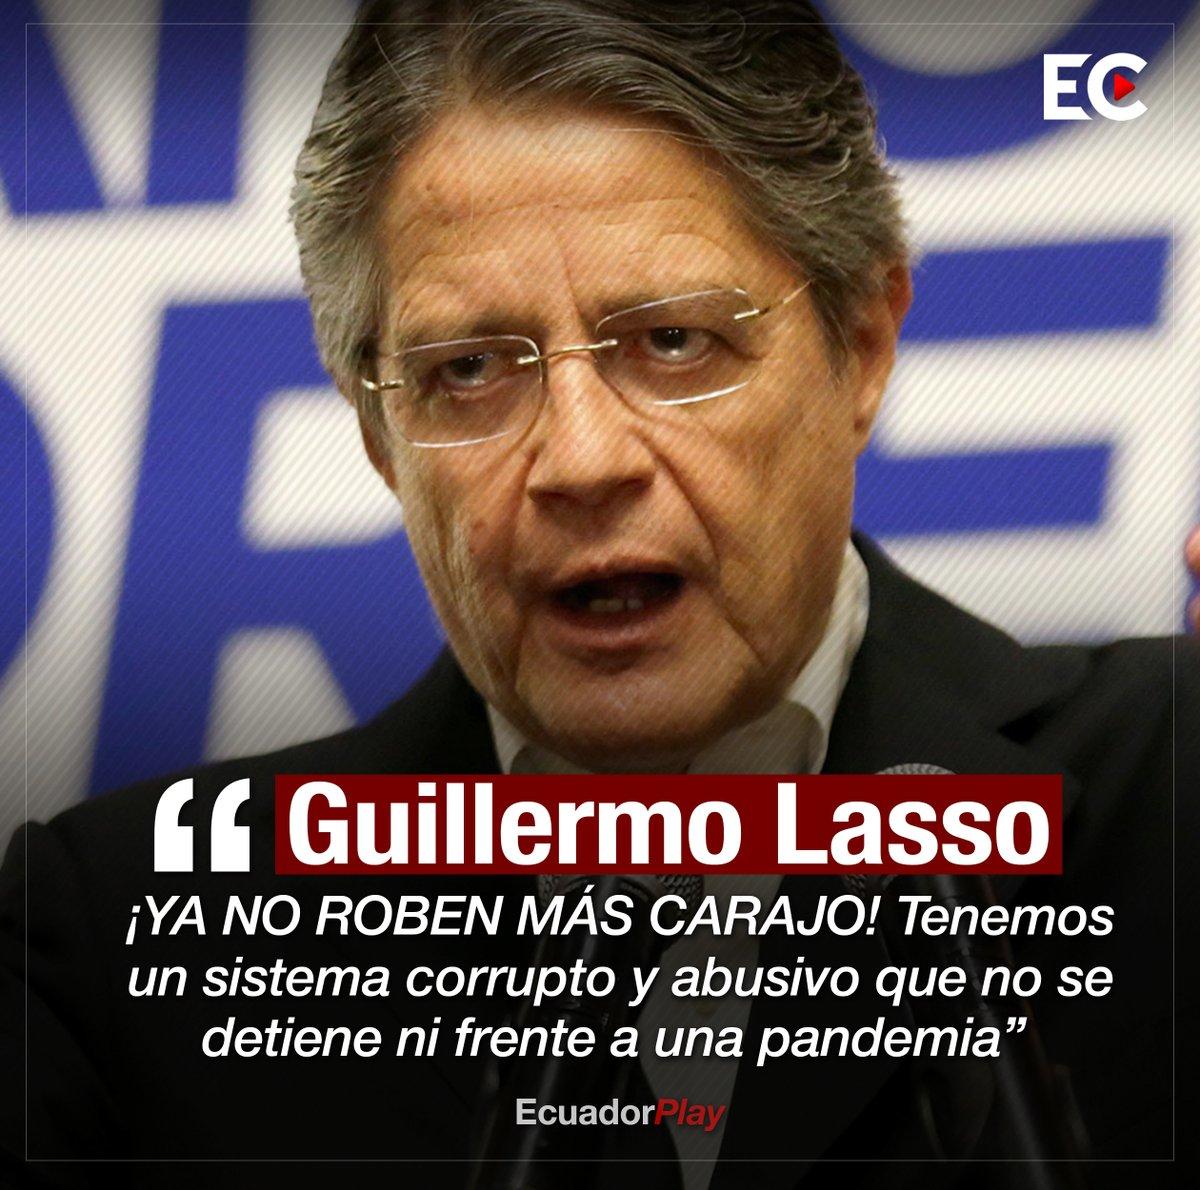 """""""¡YA NO ROBEN MÁS CARAJO!"""", el banquero y accionista del @BancoGuayaquil, @LassoGuillermo, pidió a los políticos que ya dejen de robar, además los acusó de desproporciones y abusos de poder. ⬇️ https://t.co/57hmCZZi5P"""